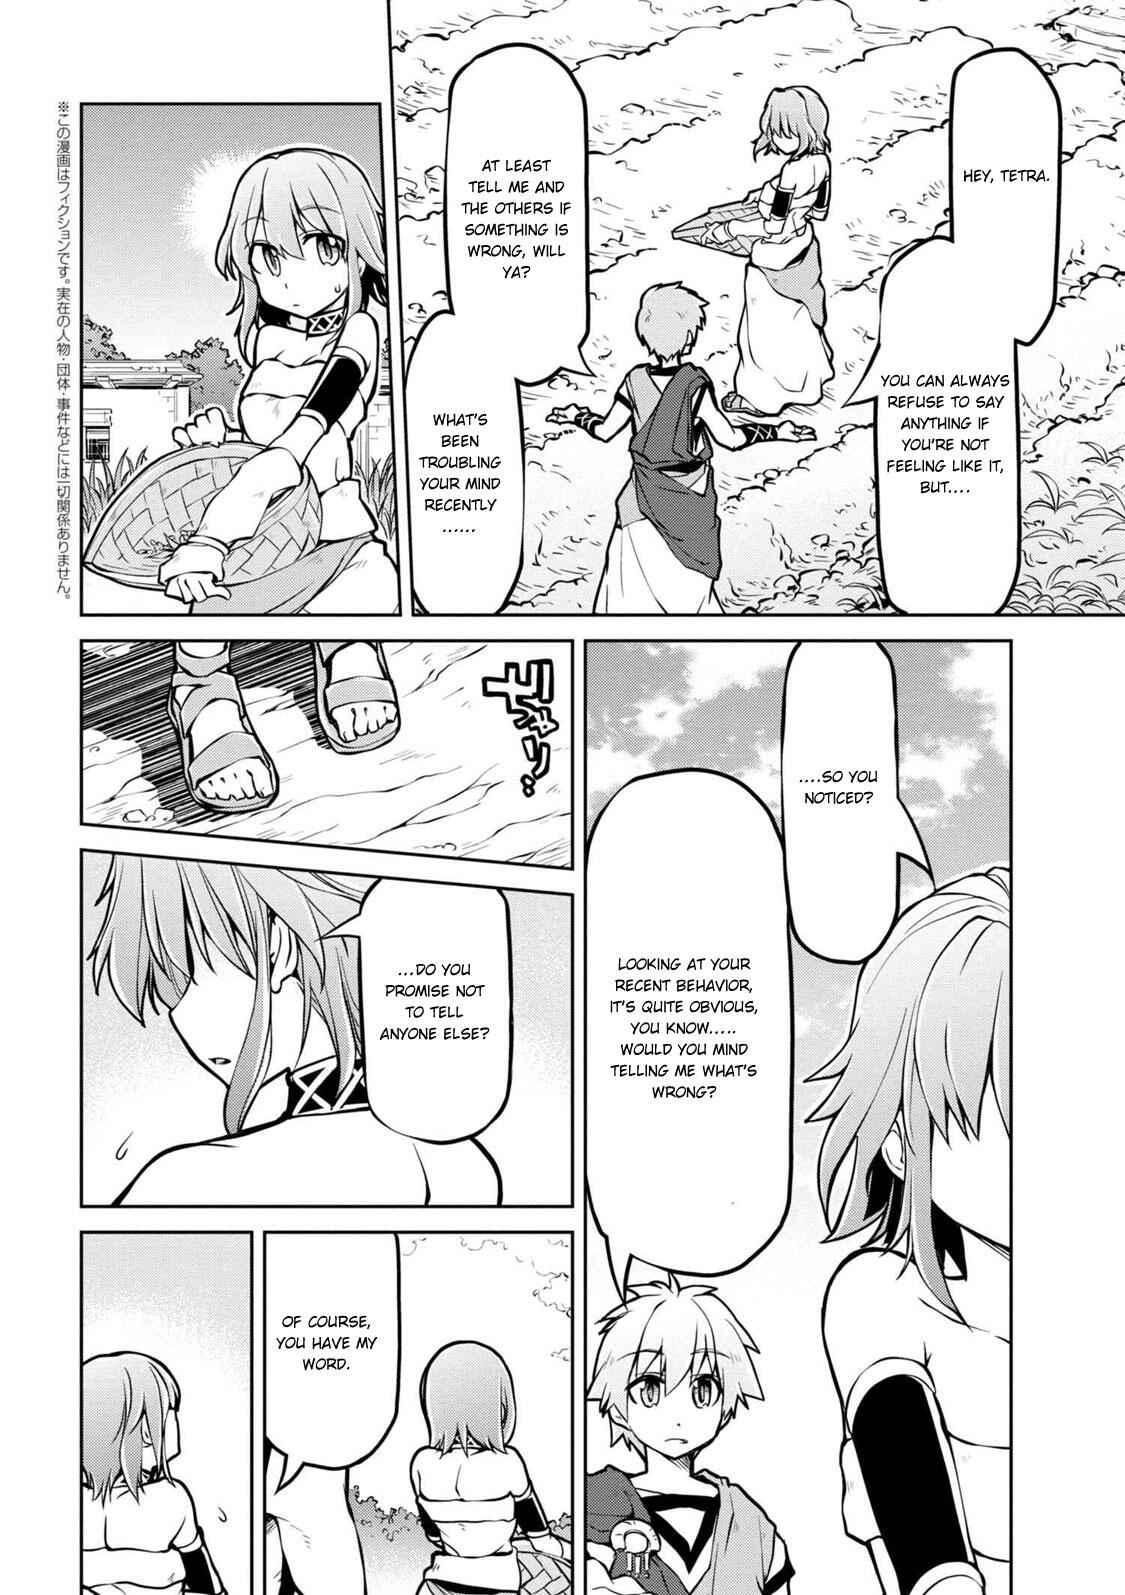 Isekai Kenkokuki - chapter 10.1-eng-li